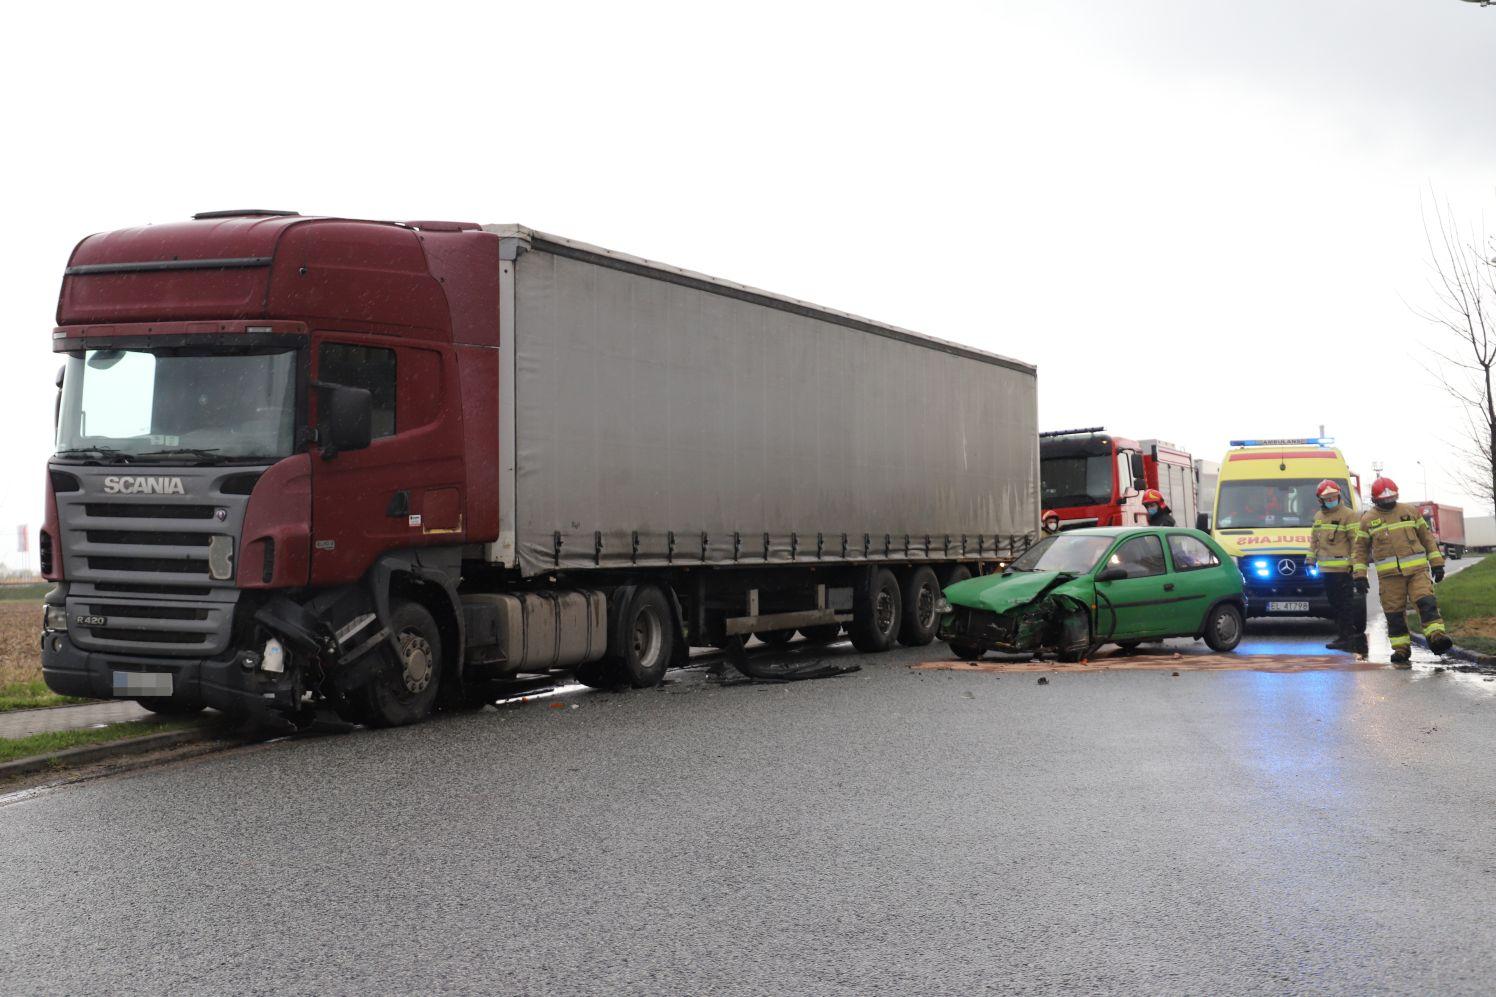 [ZDJĘCIA] Wypadek w Kutnie. Ciężarówka zderzyła się z autem osobowym - Zdjęcie główne